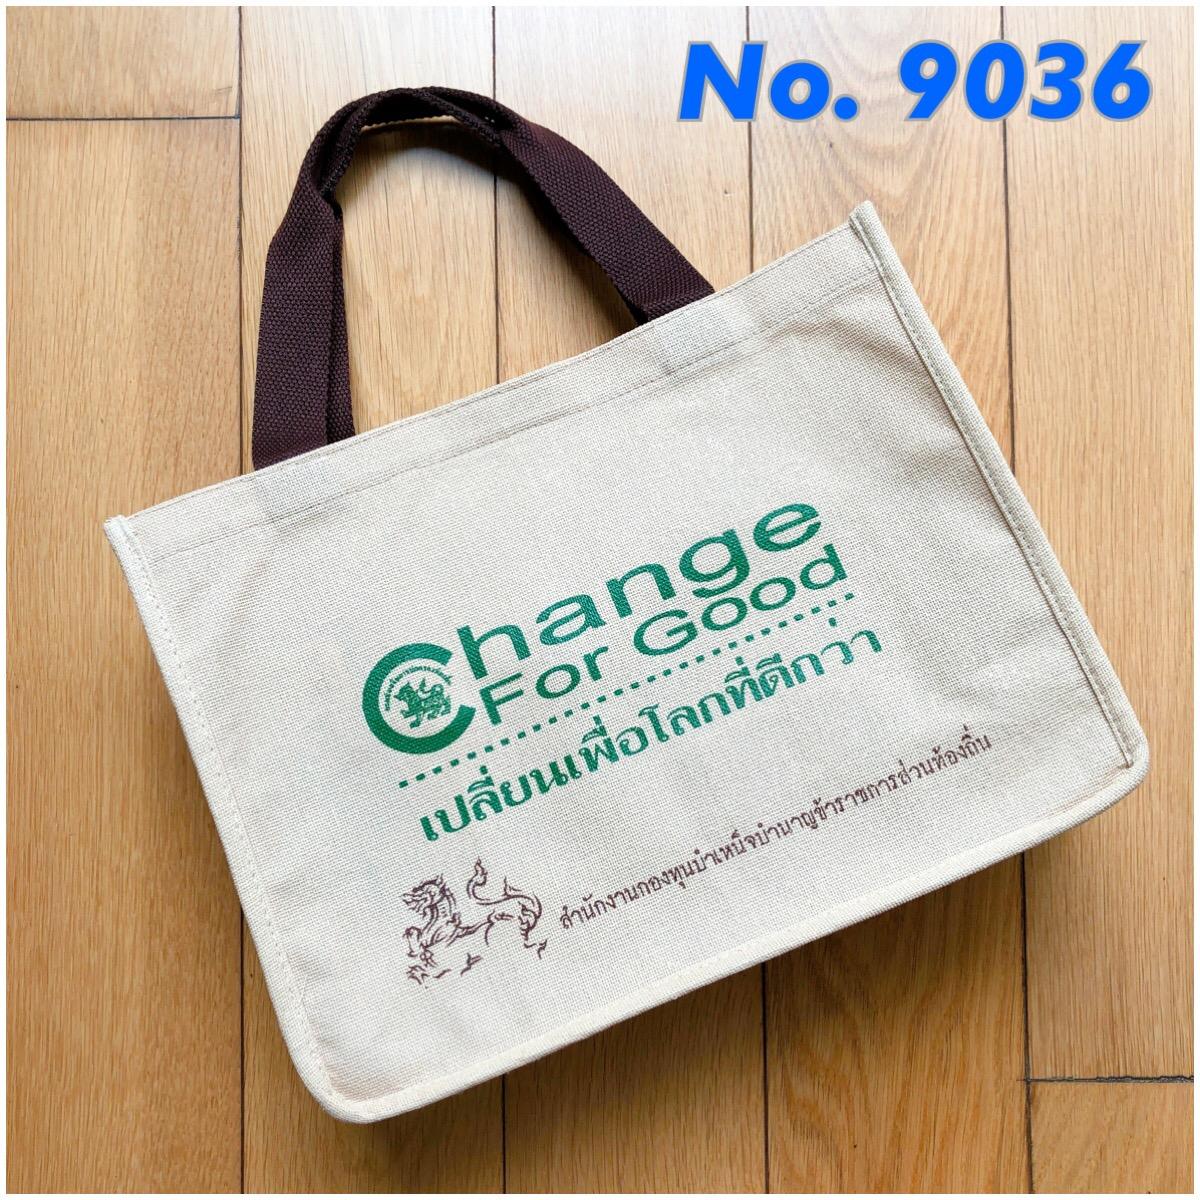 กระเป๋าช้อปปิ้ง กระเป๋าผ้ากระสอบ รุ่น 9036